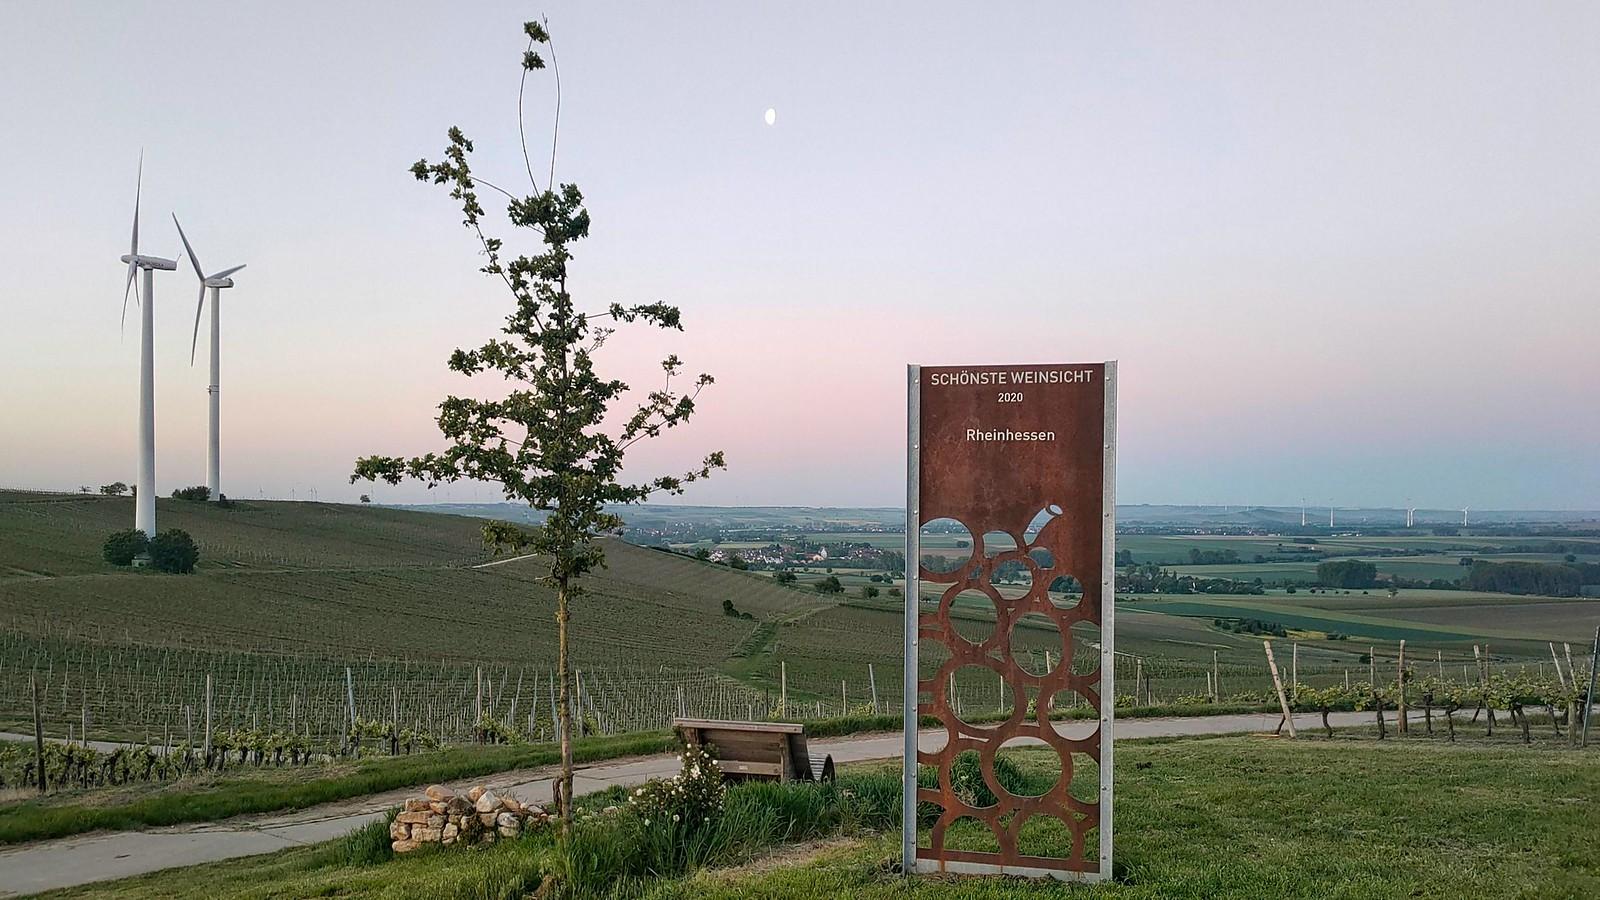 Schönste Weinsicht 2020 Rheinhessen mit Blick ins Selztal